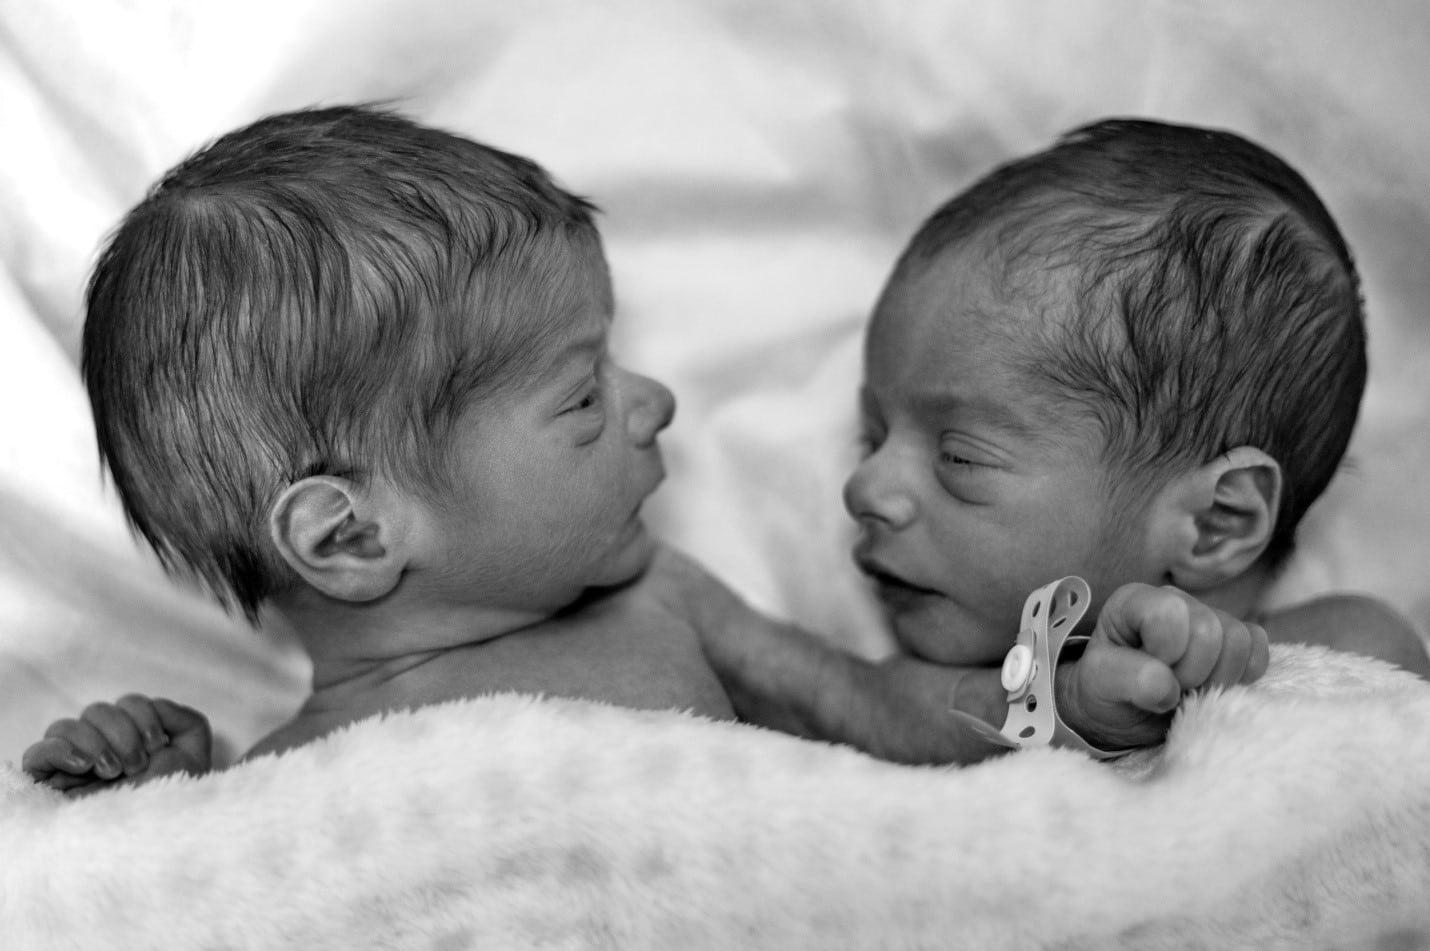 two newborn twins